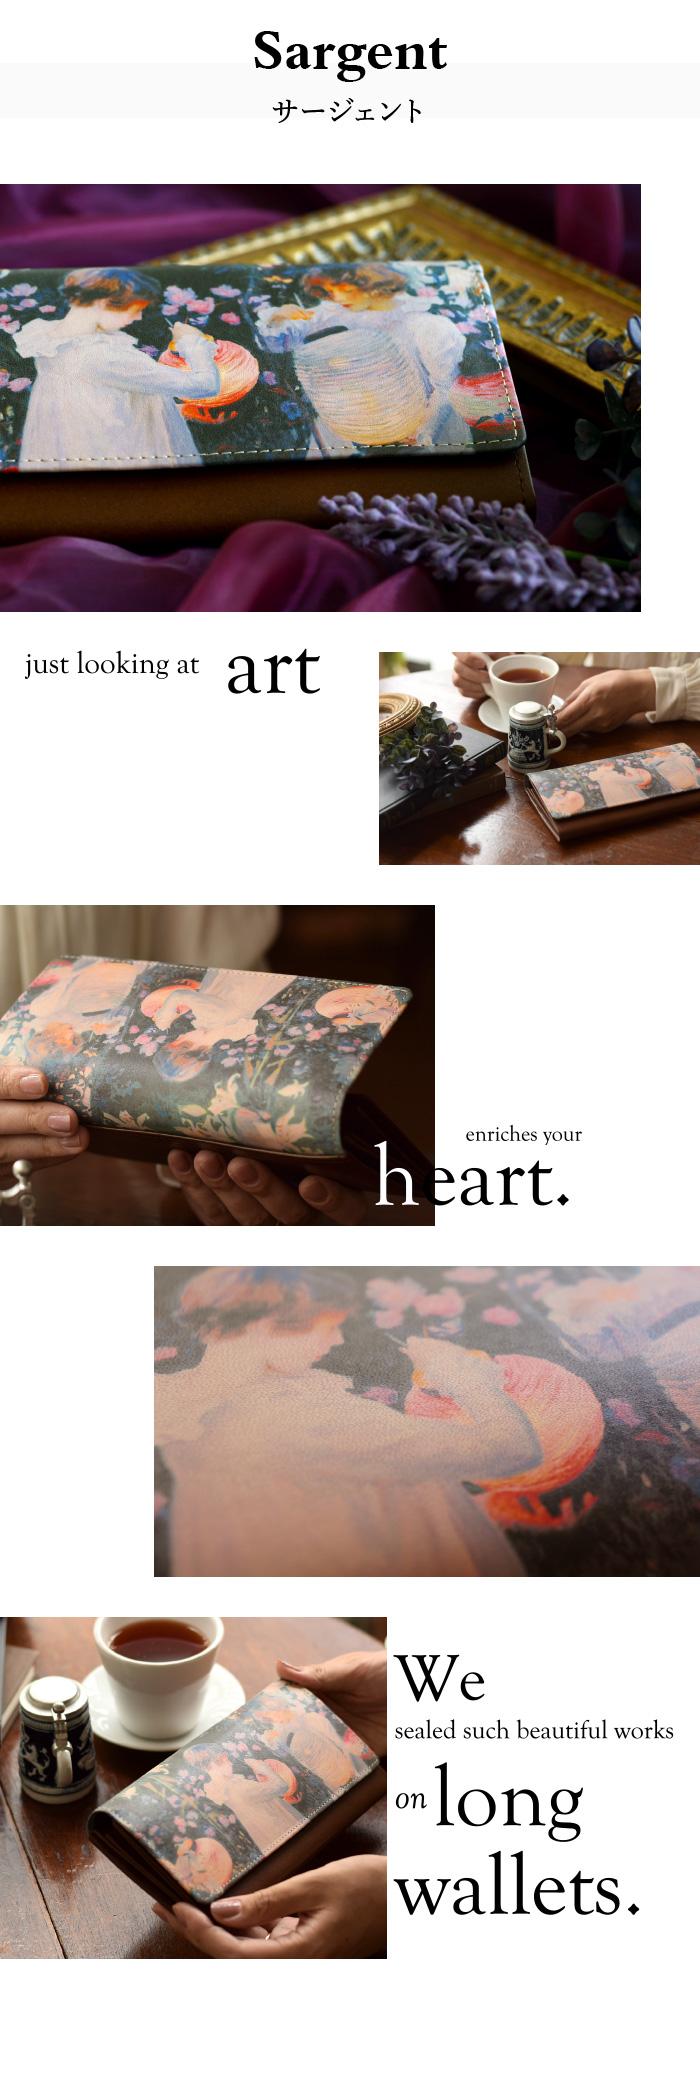 かぶせ部分全面にアートを入れ、思わず眺めたくなるお財布です。